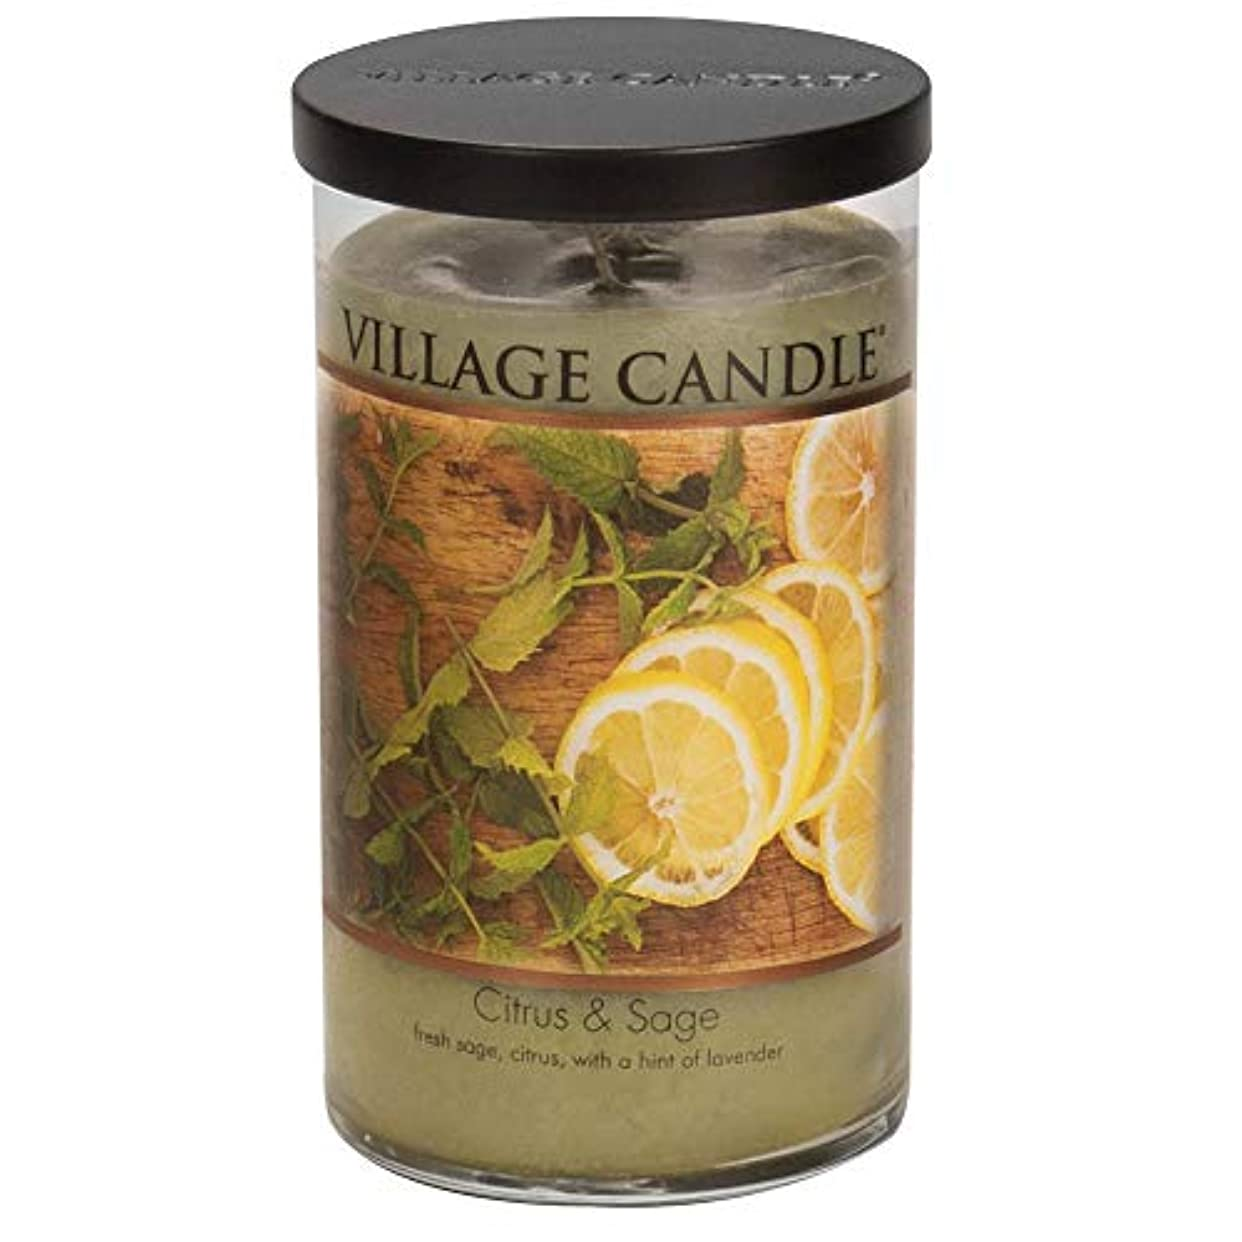 真夜中対崩壊Village Candle Citrus & Sage 24 Oz LargeタンブラーScented Candle